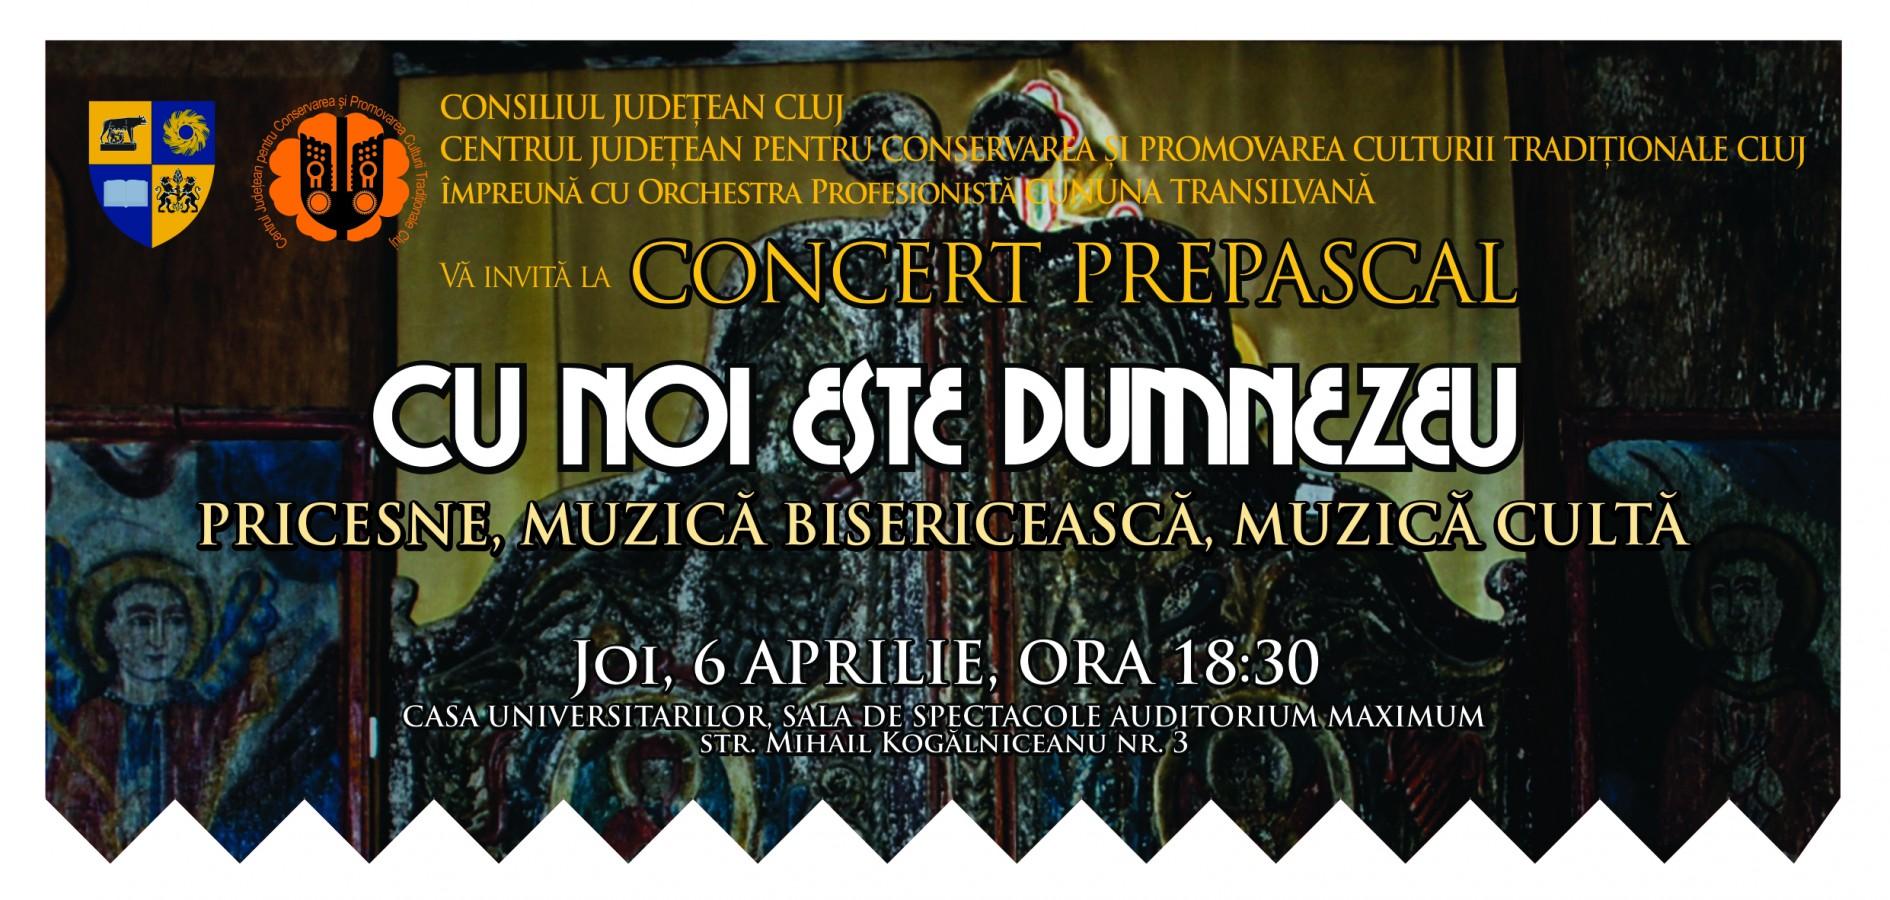 Concert Prepascal  de pricesne, muzică bisericească şi cultă